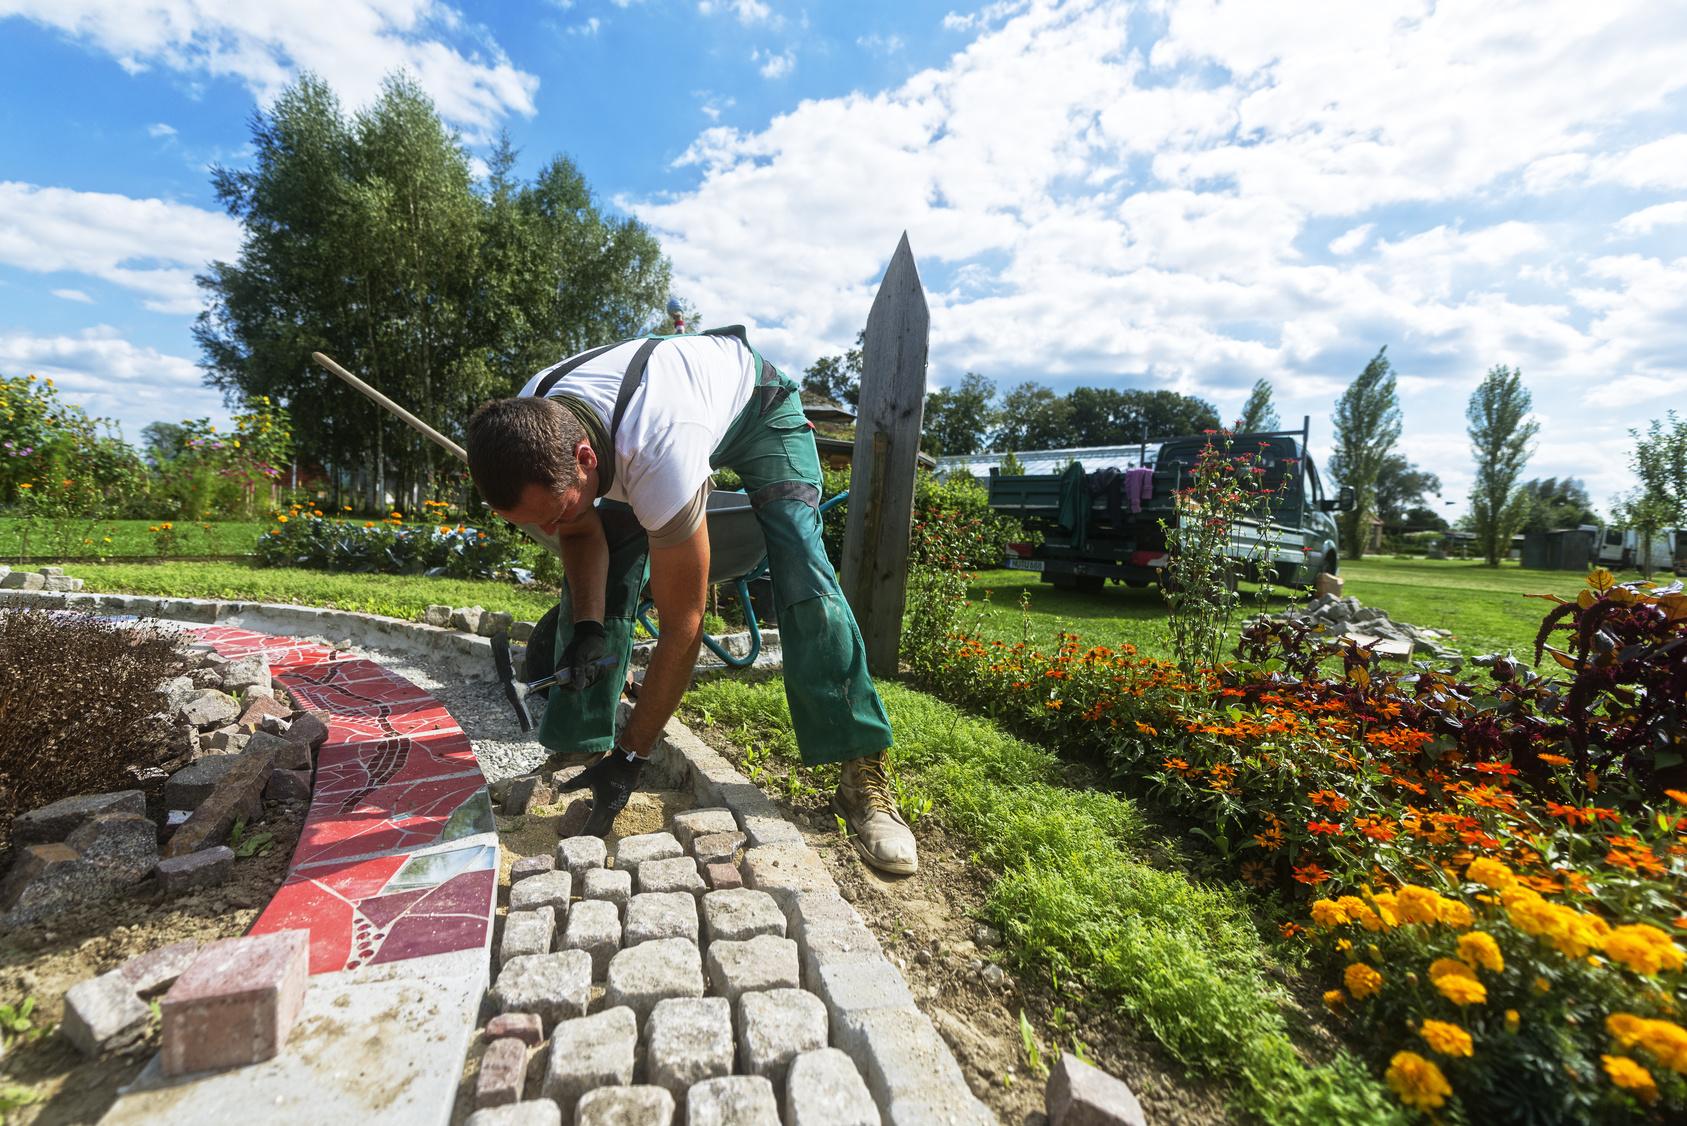 Aussenanlagen - Grünanlagen - Gartenpflege - Grünanlagenpflege - Geislingen